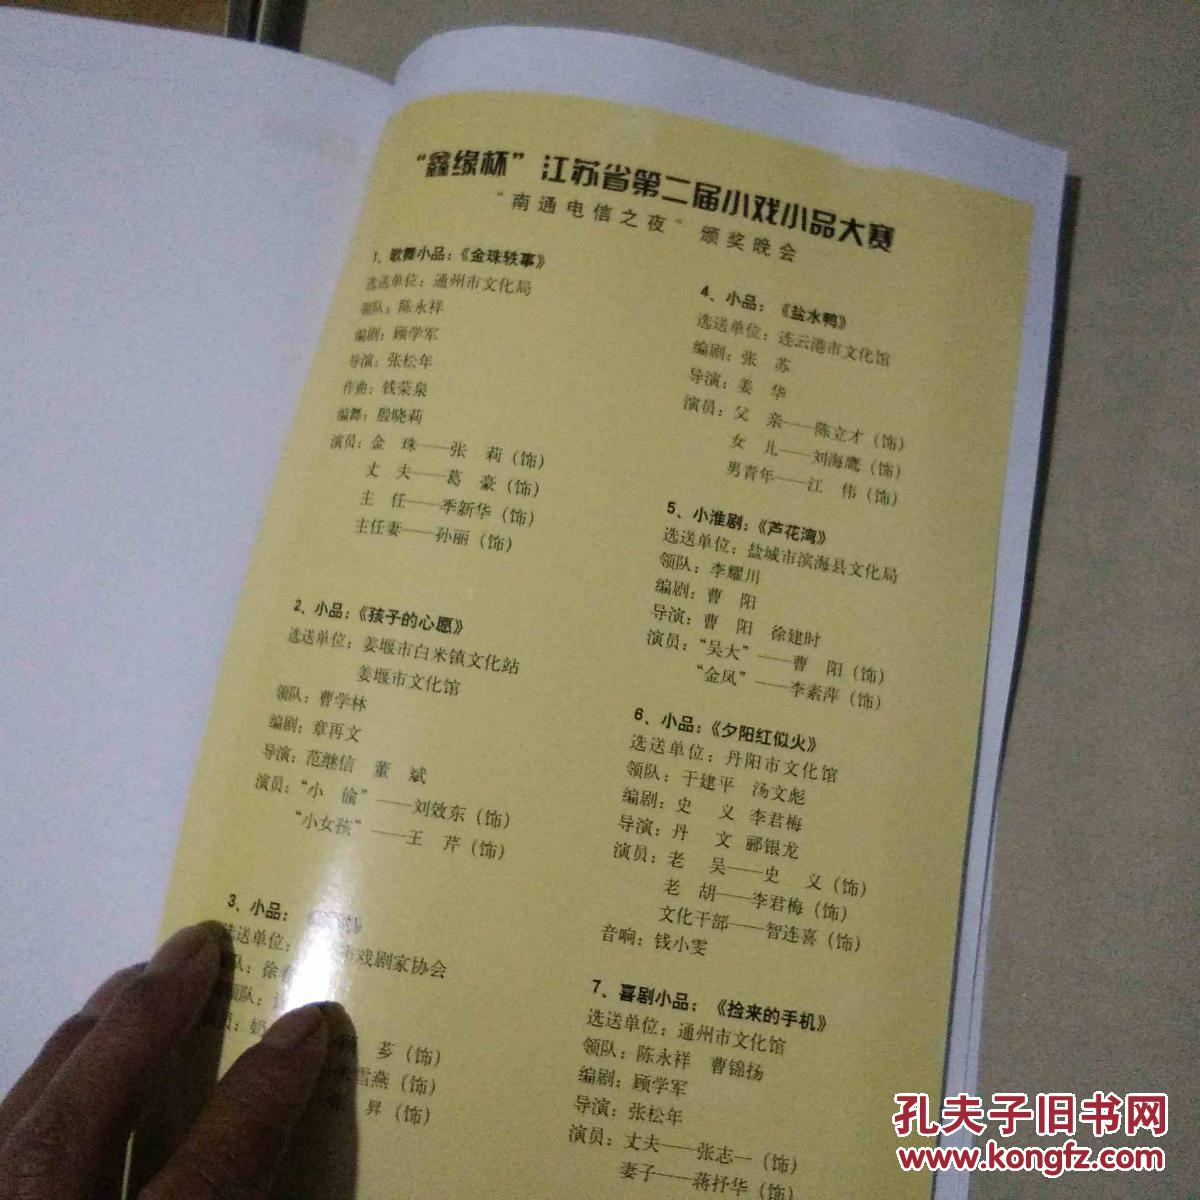 艺术档案f`江苏省第二届小戏小品大赛决赛南通市实施方案送审稿 入场